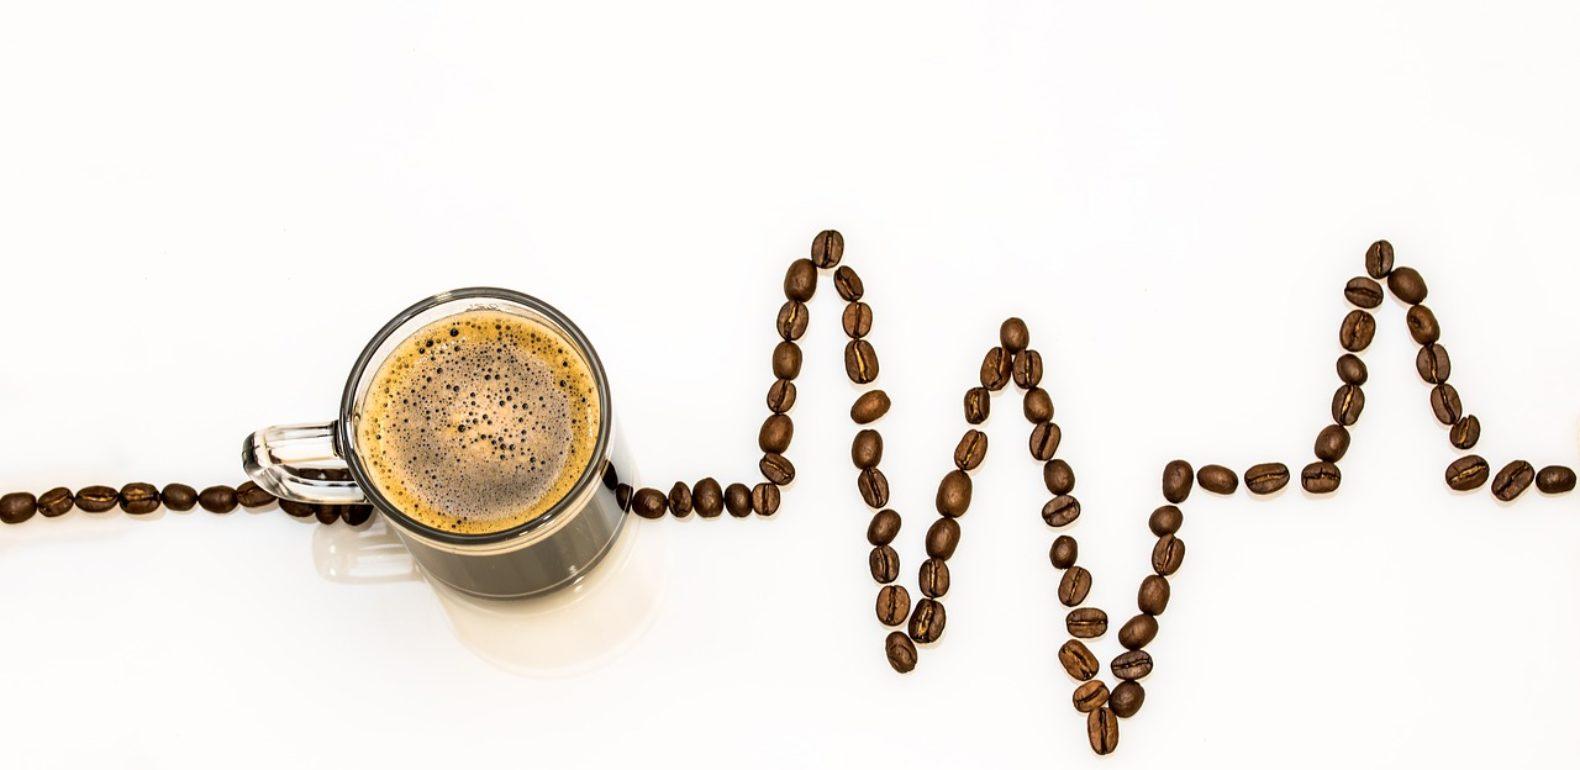 Comment perdre du poids avec du café (avec images)